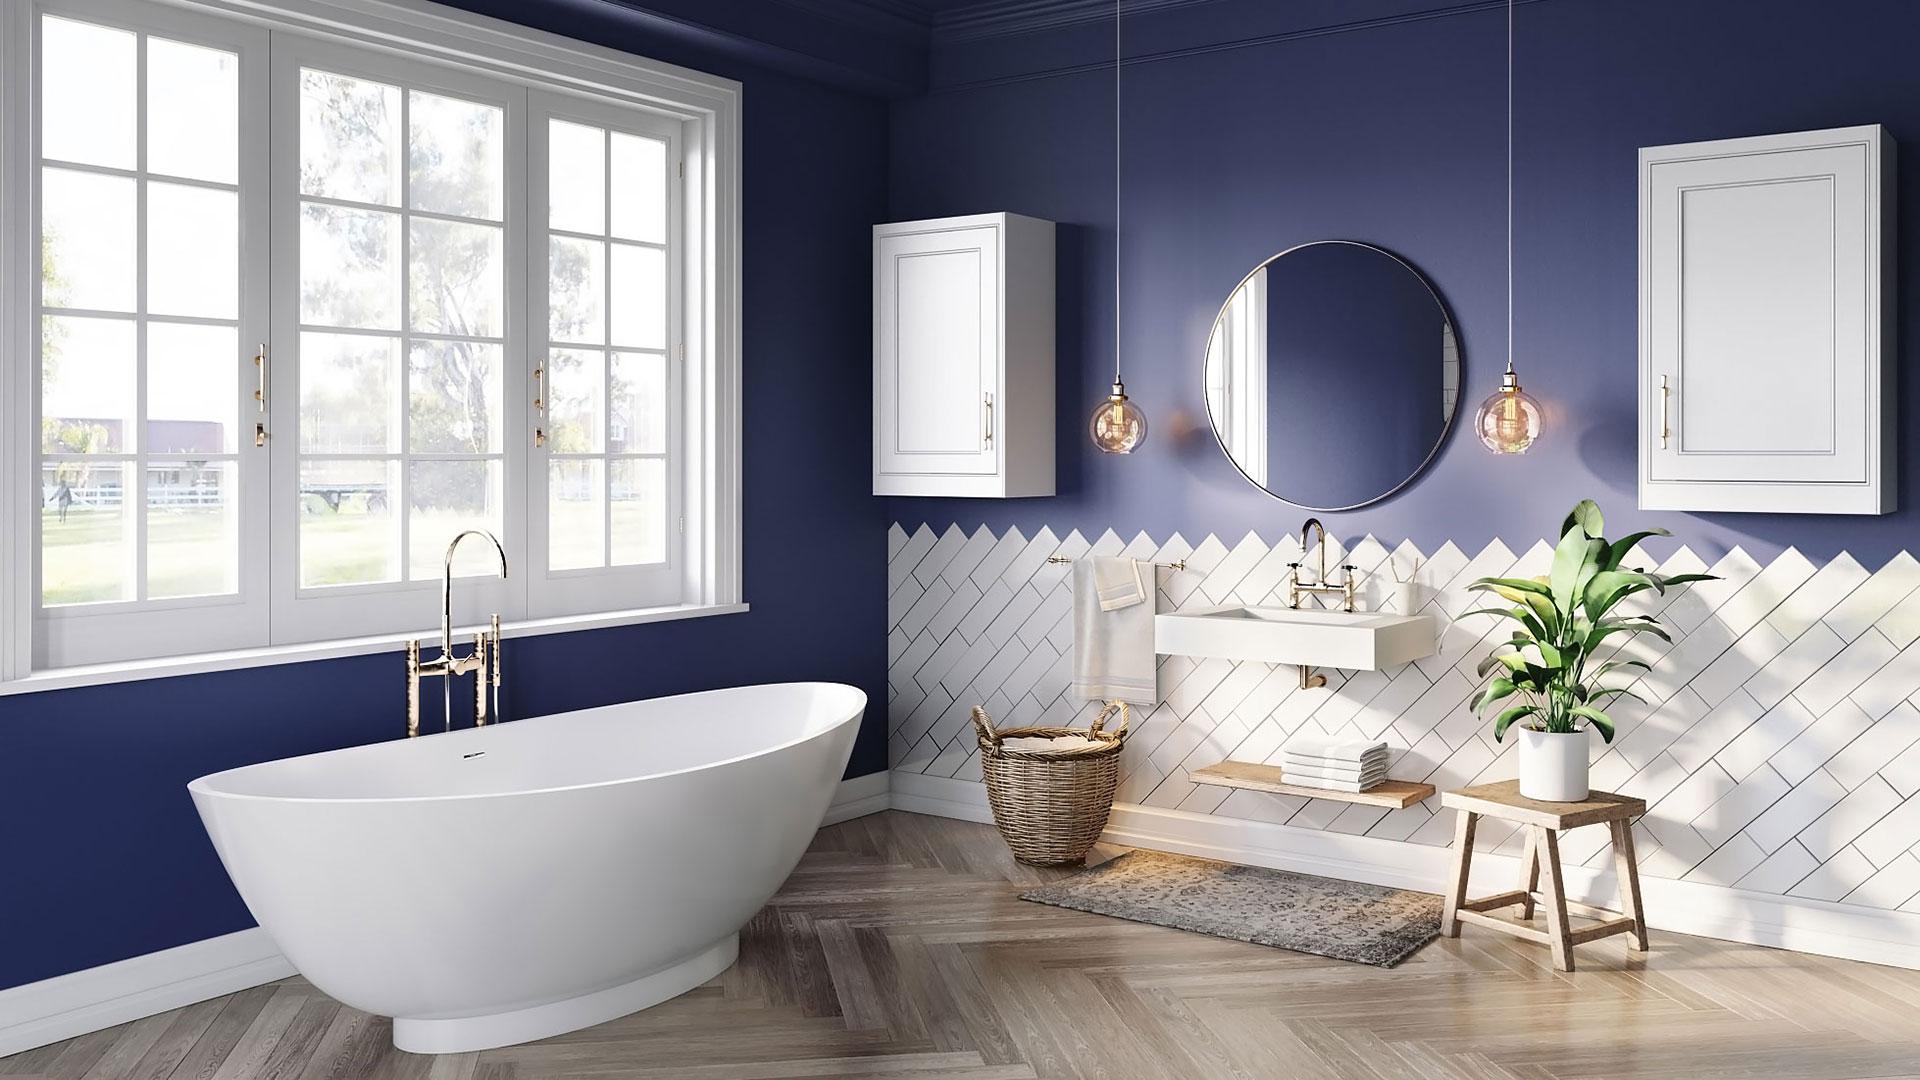 3D Modeling for Modern Bathroom Furniture